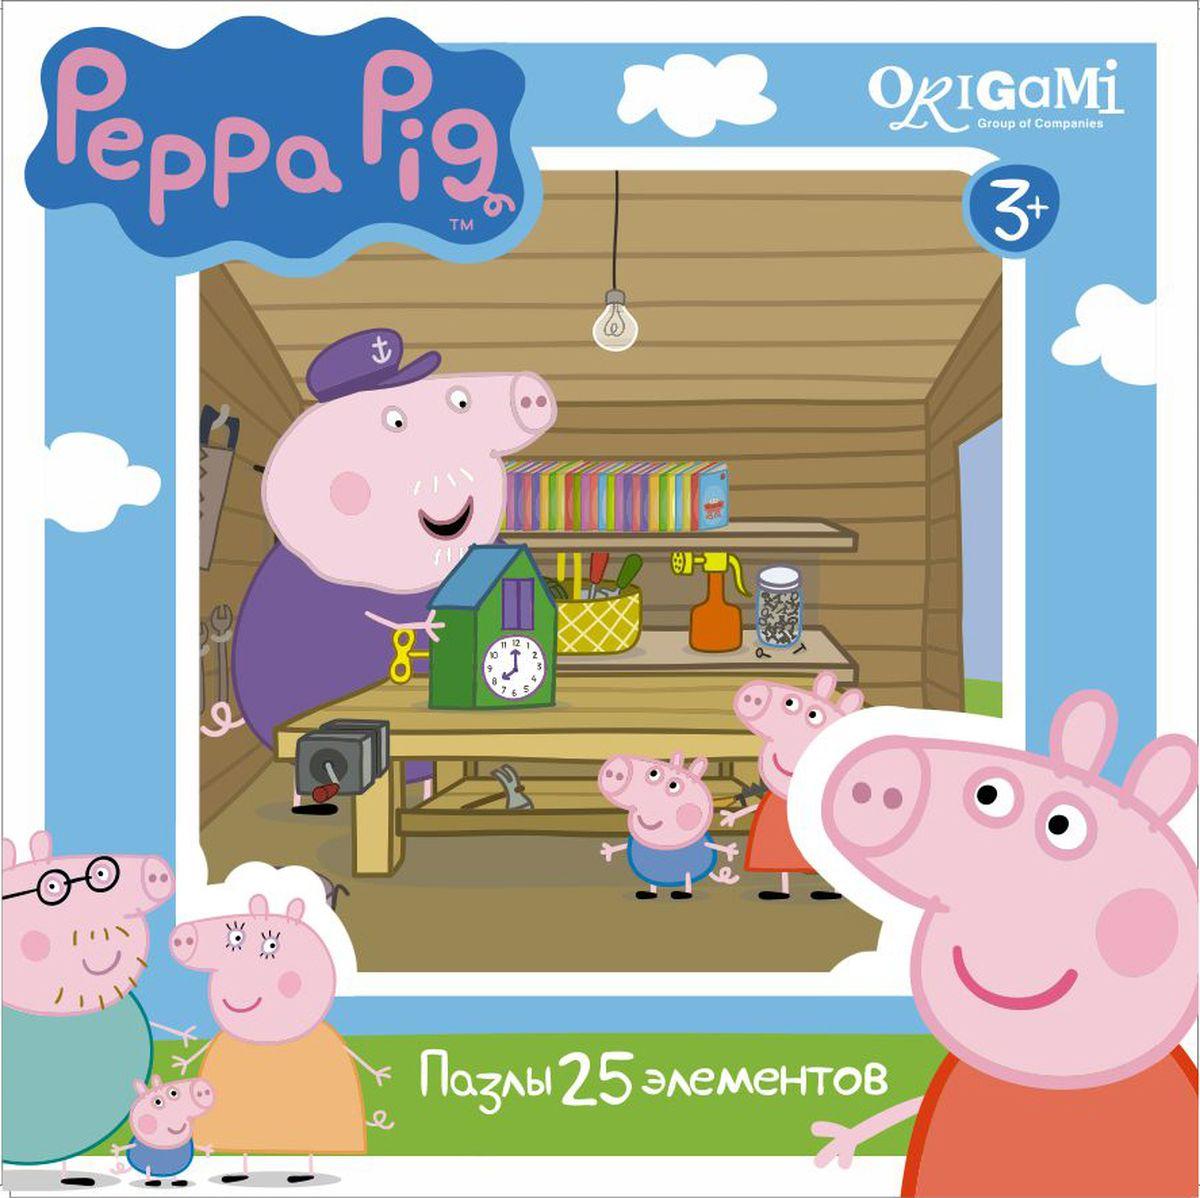 Оригами Пазл для малышей Peppa Pig 01580 пазл origami peppa pig транспорт 4 в 1